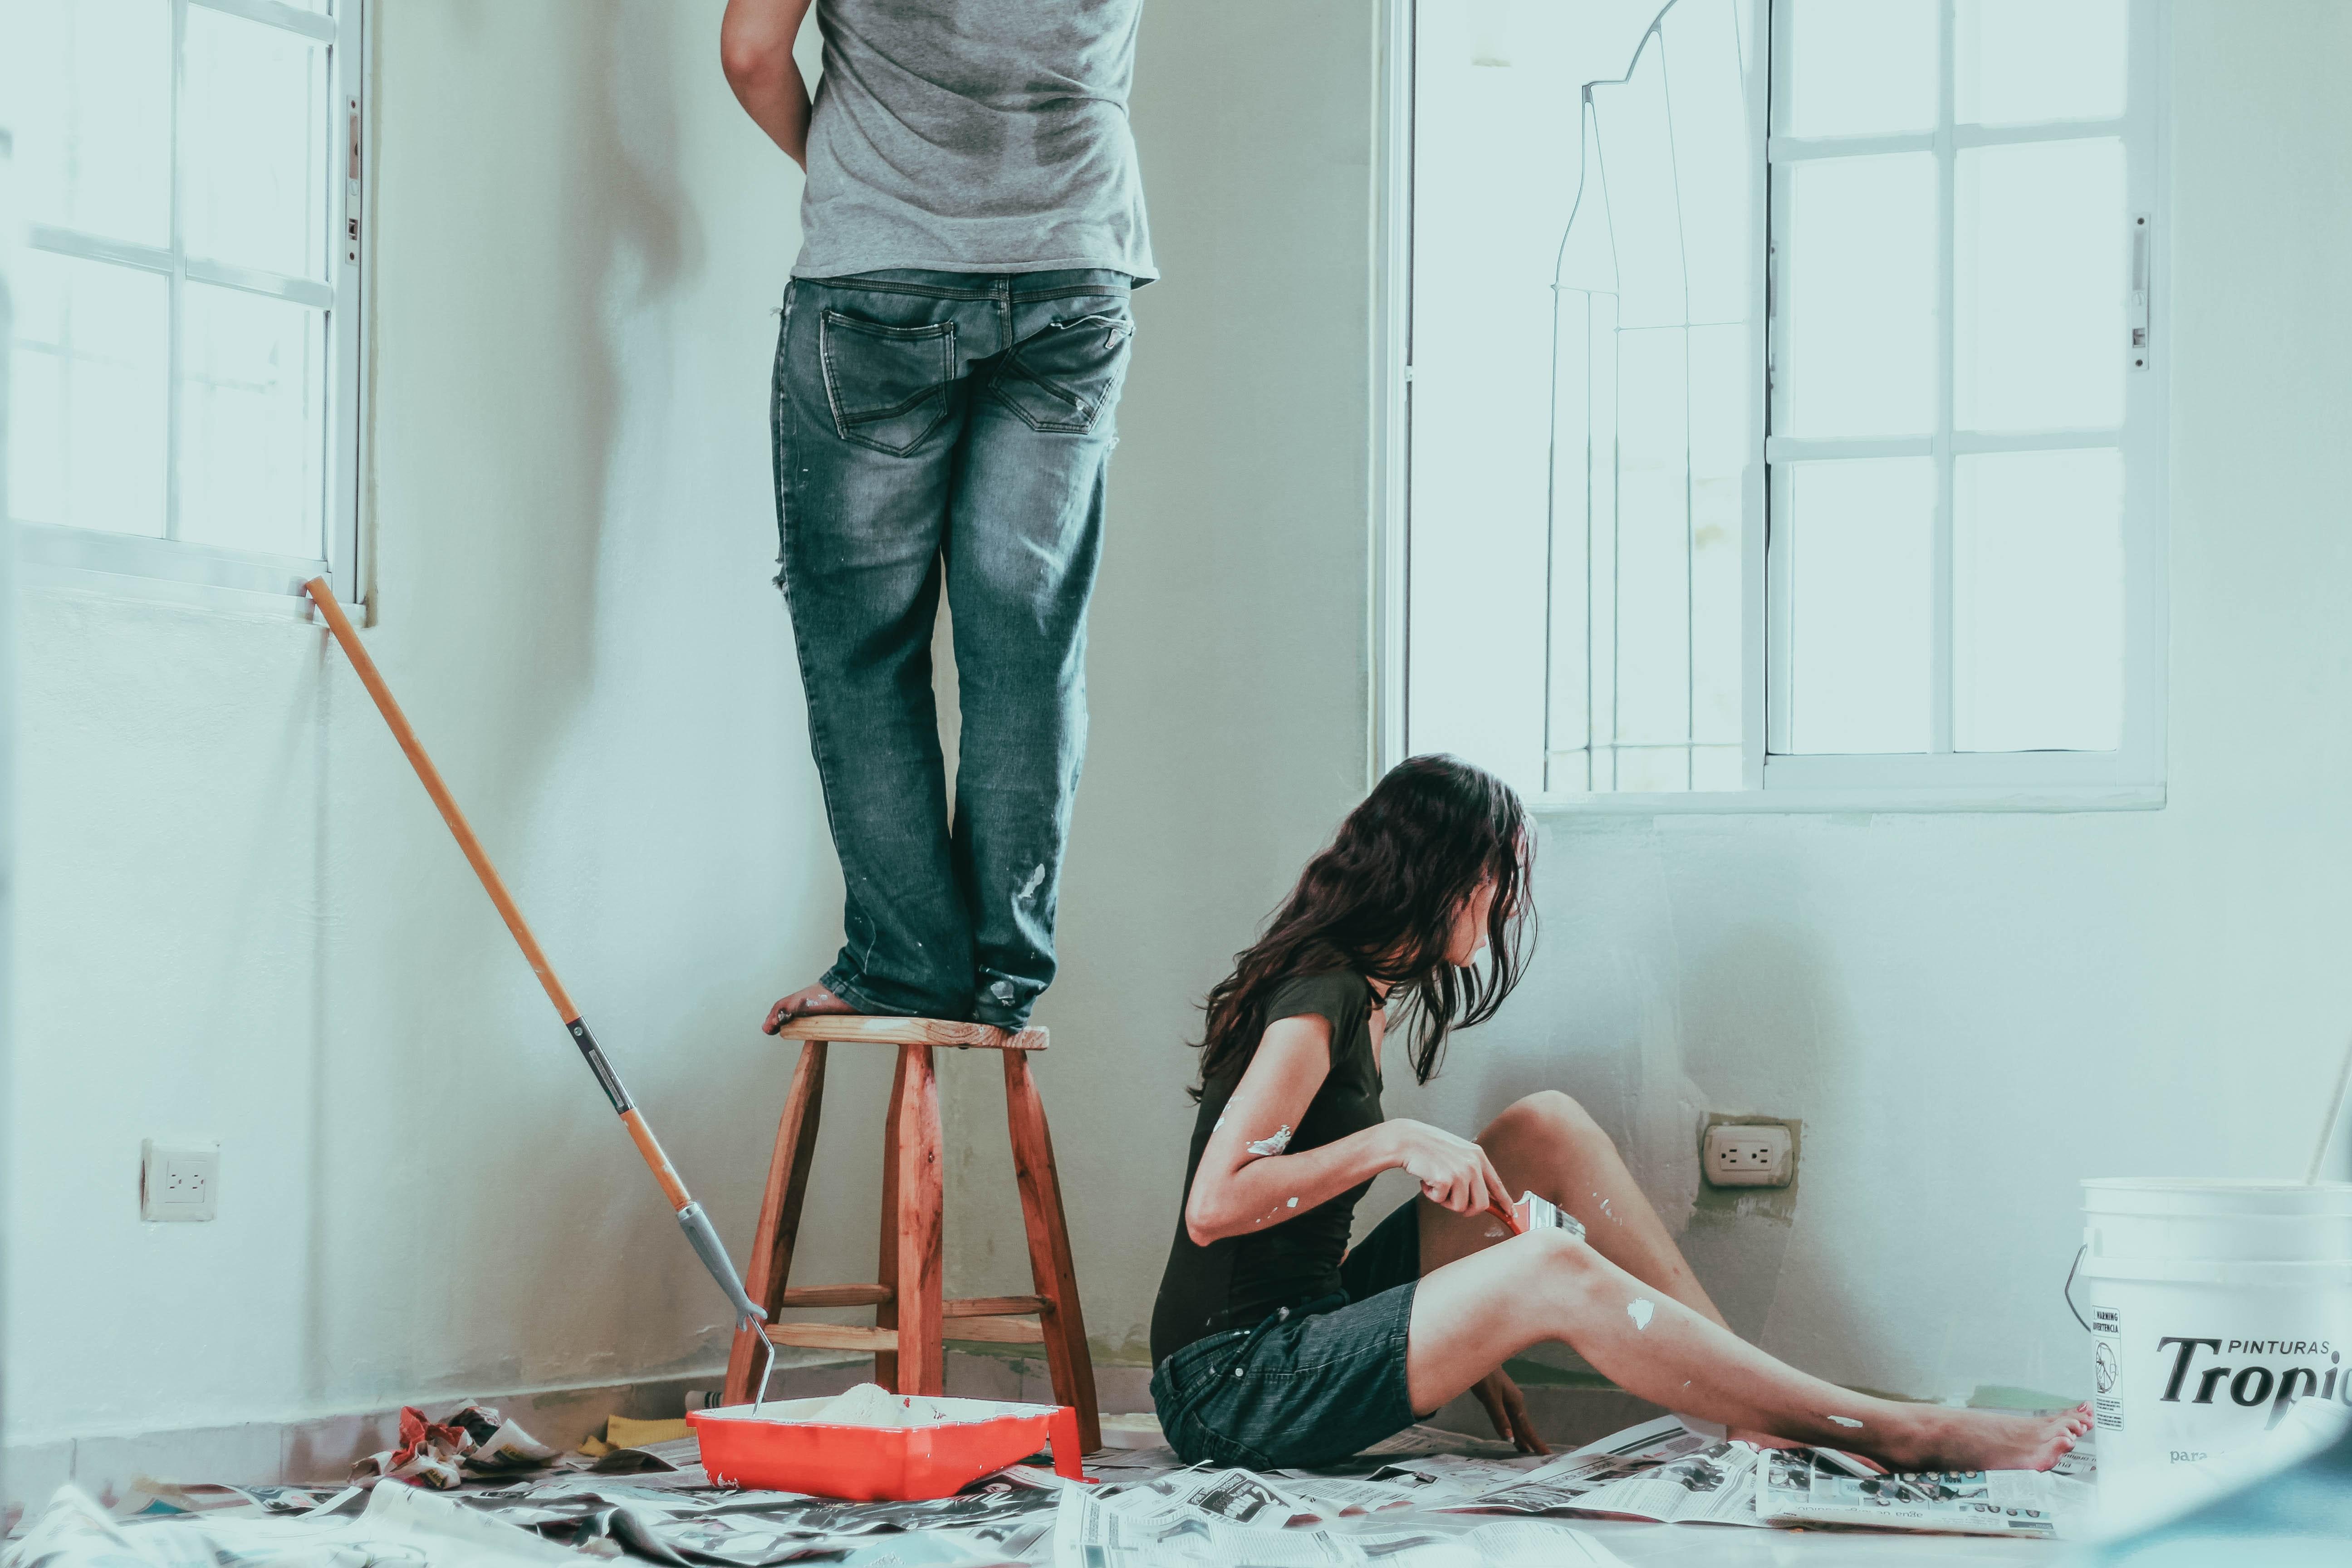 Karantinas paskatino atsigręžti į namus: išmanūs įrankiai lengvam namų erdvės planavimui